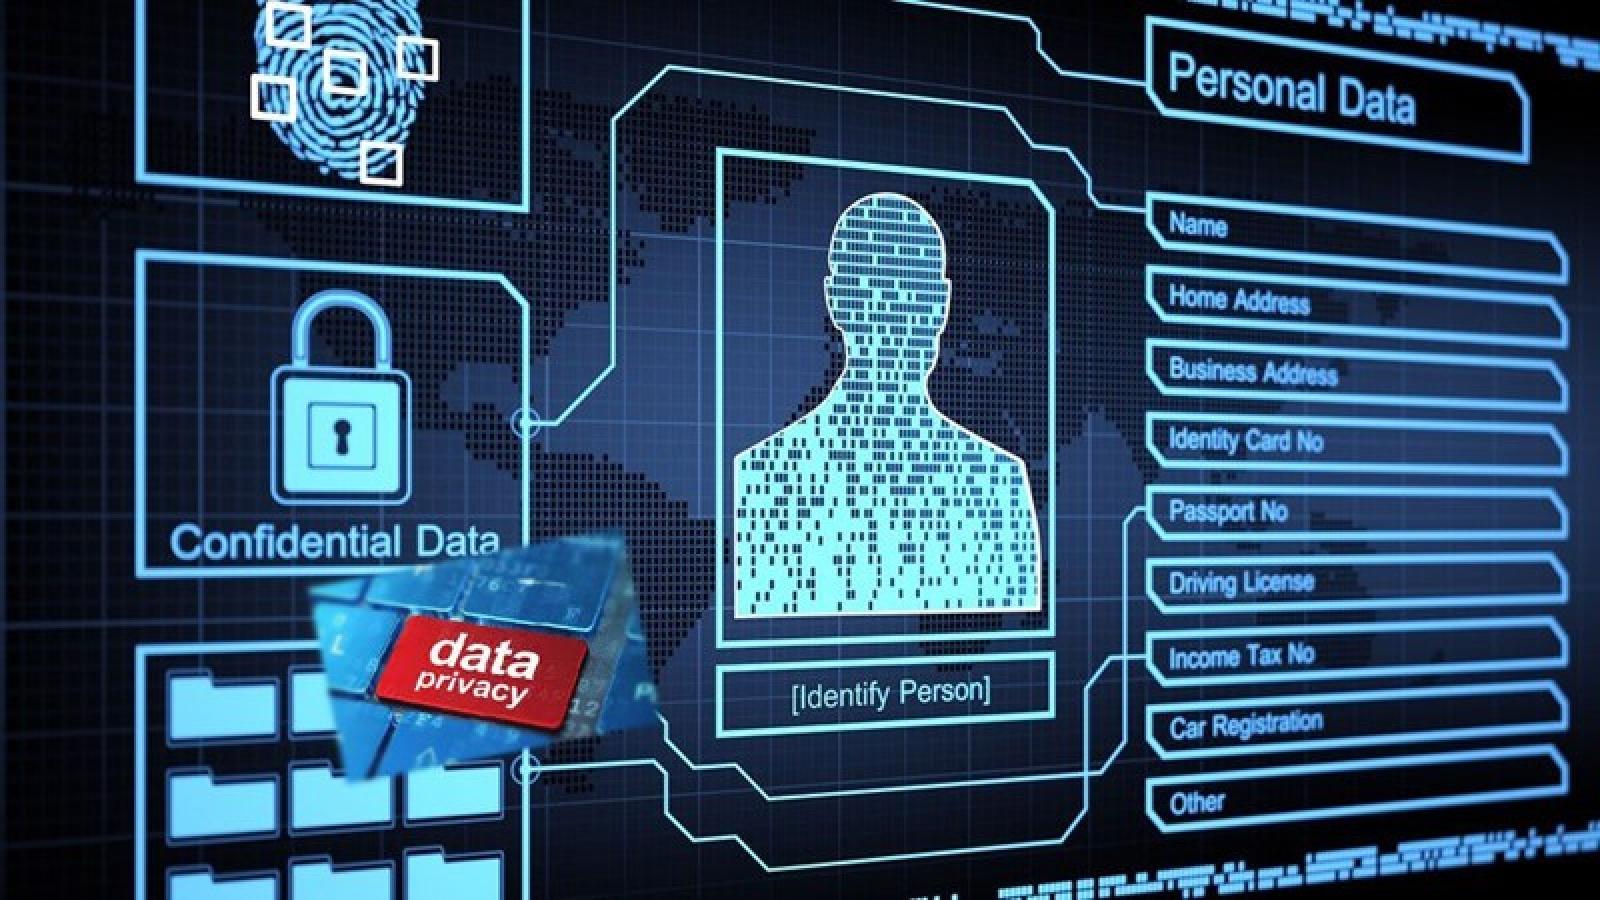 Lời giải nào cho bảo vệ dữ liệu cá nhân trước các nền tảng xuyên biên giới?